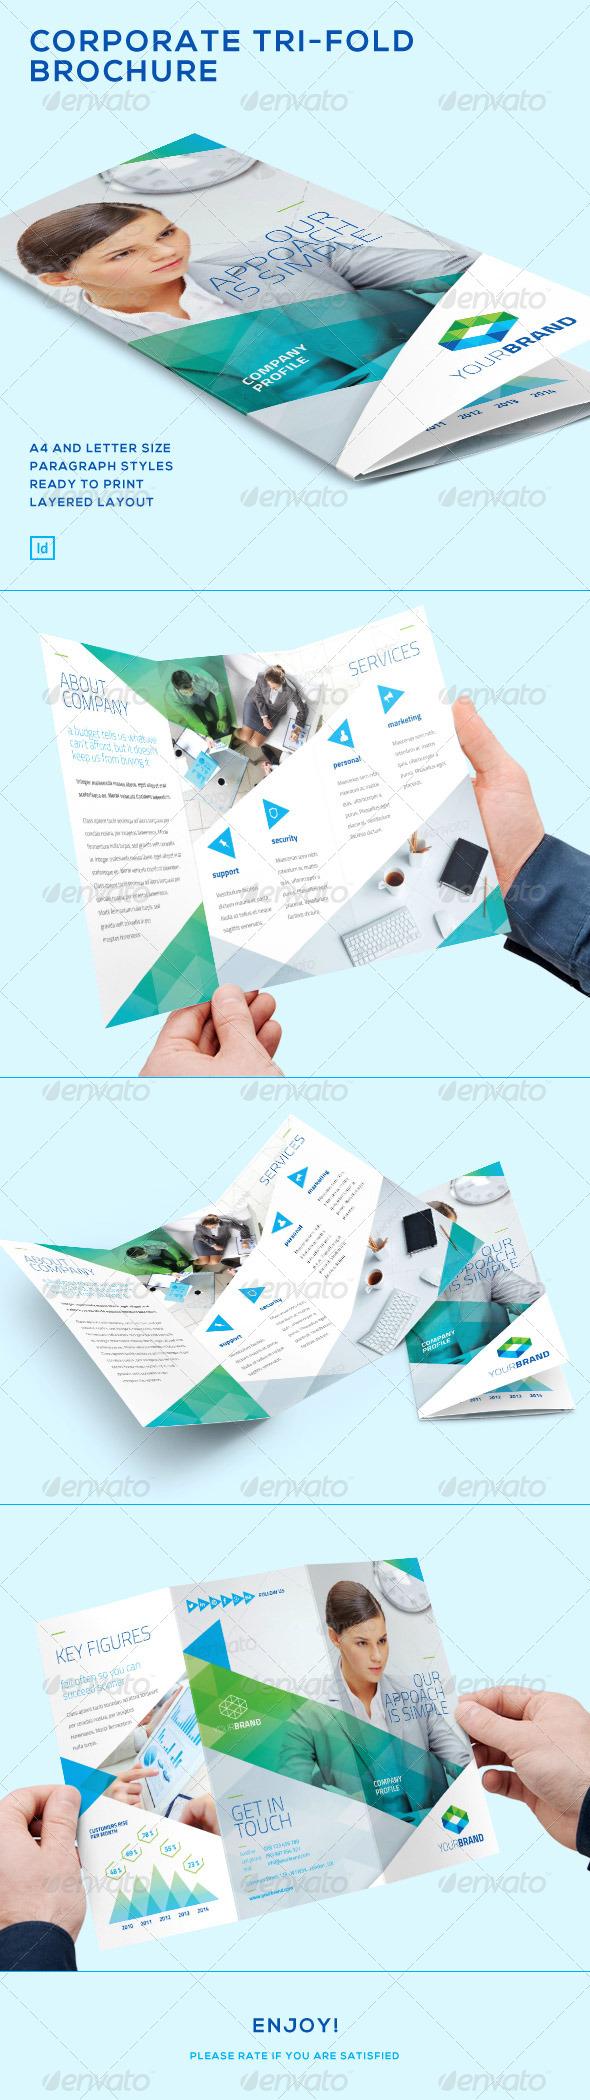 GraphicRiver Corporate Tri-Fold Brochure 7472221